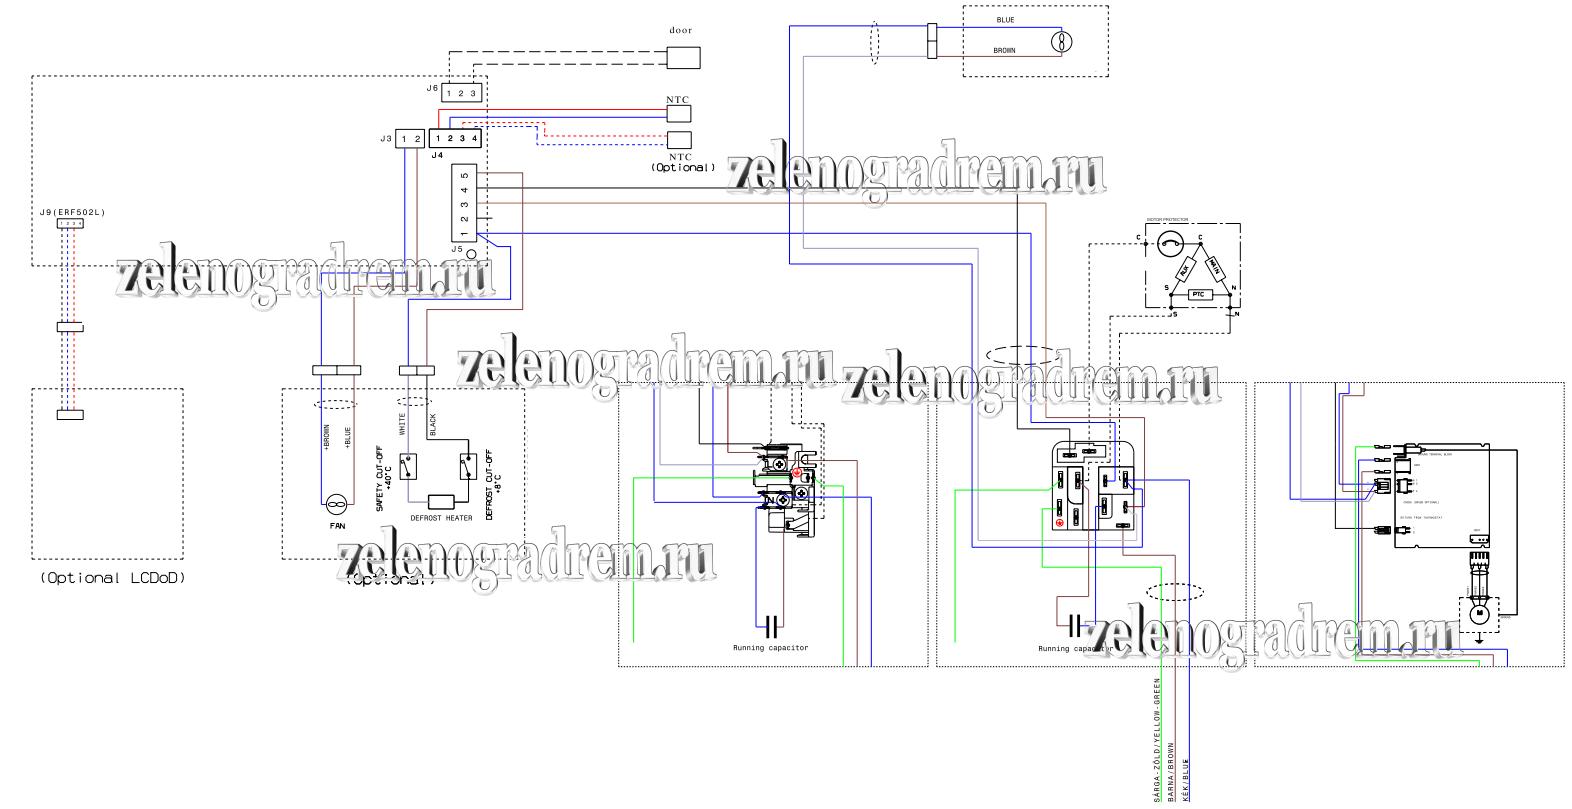 схема холодильника электролюкс с дисплеем